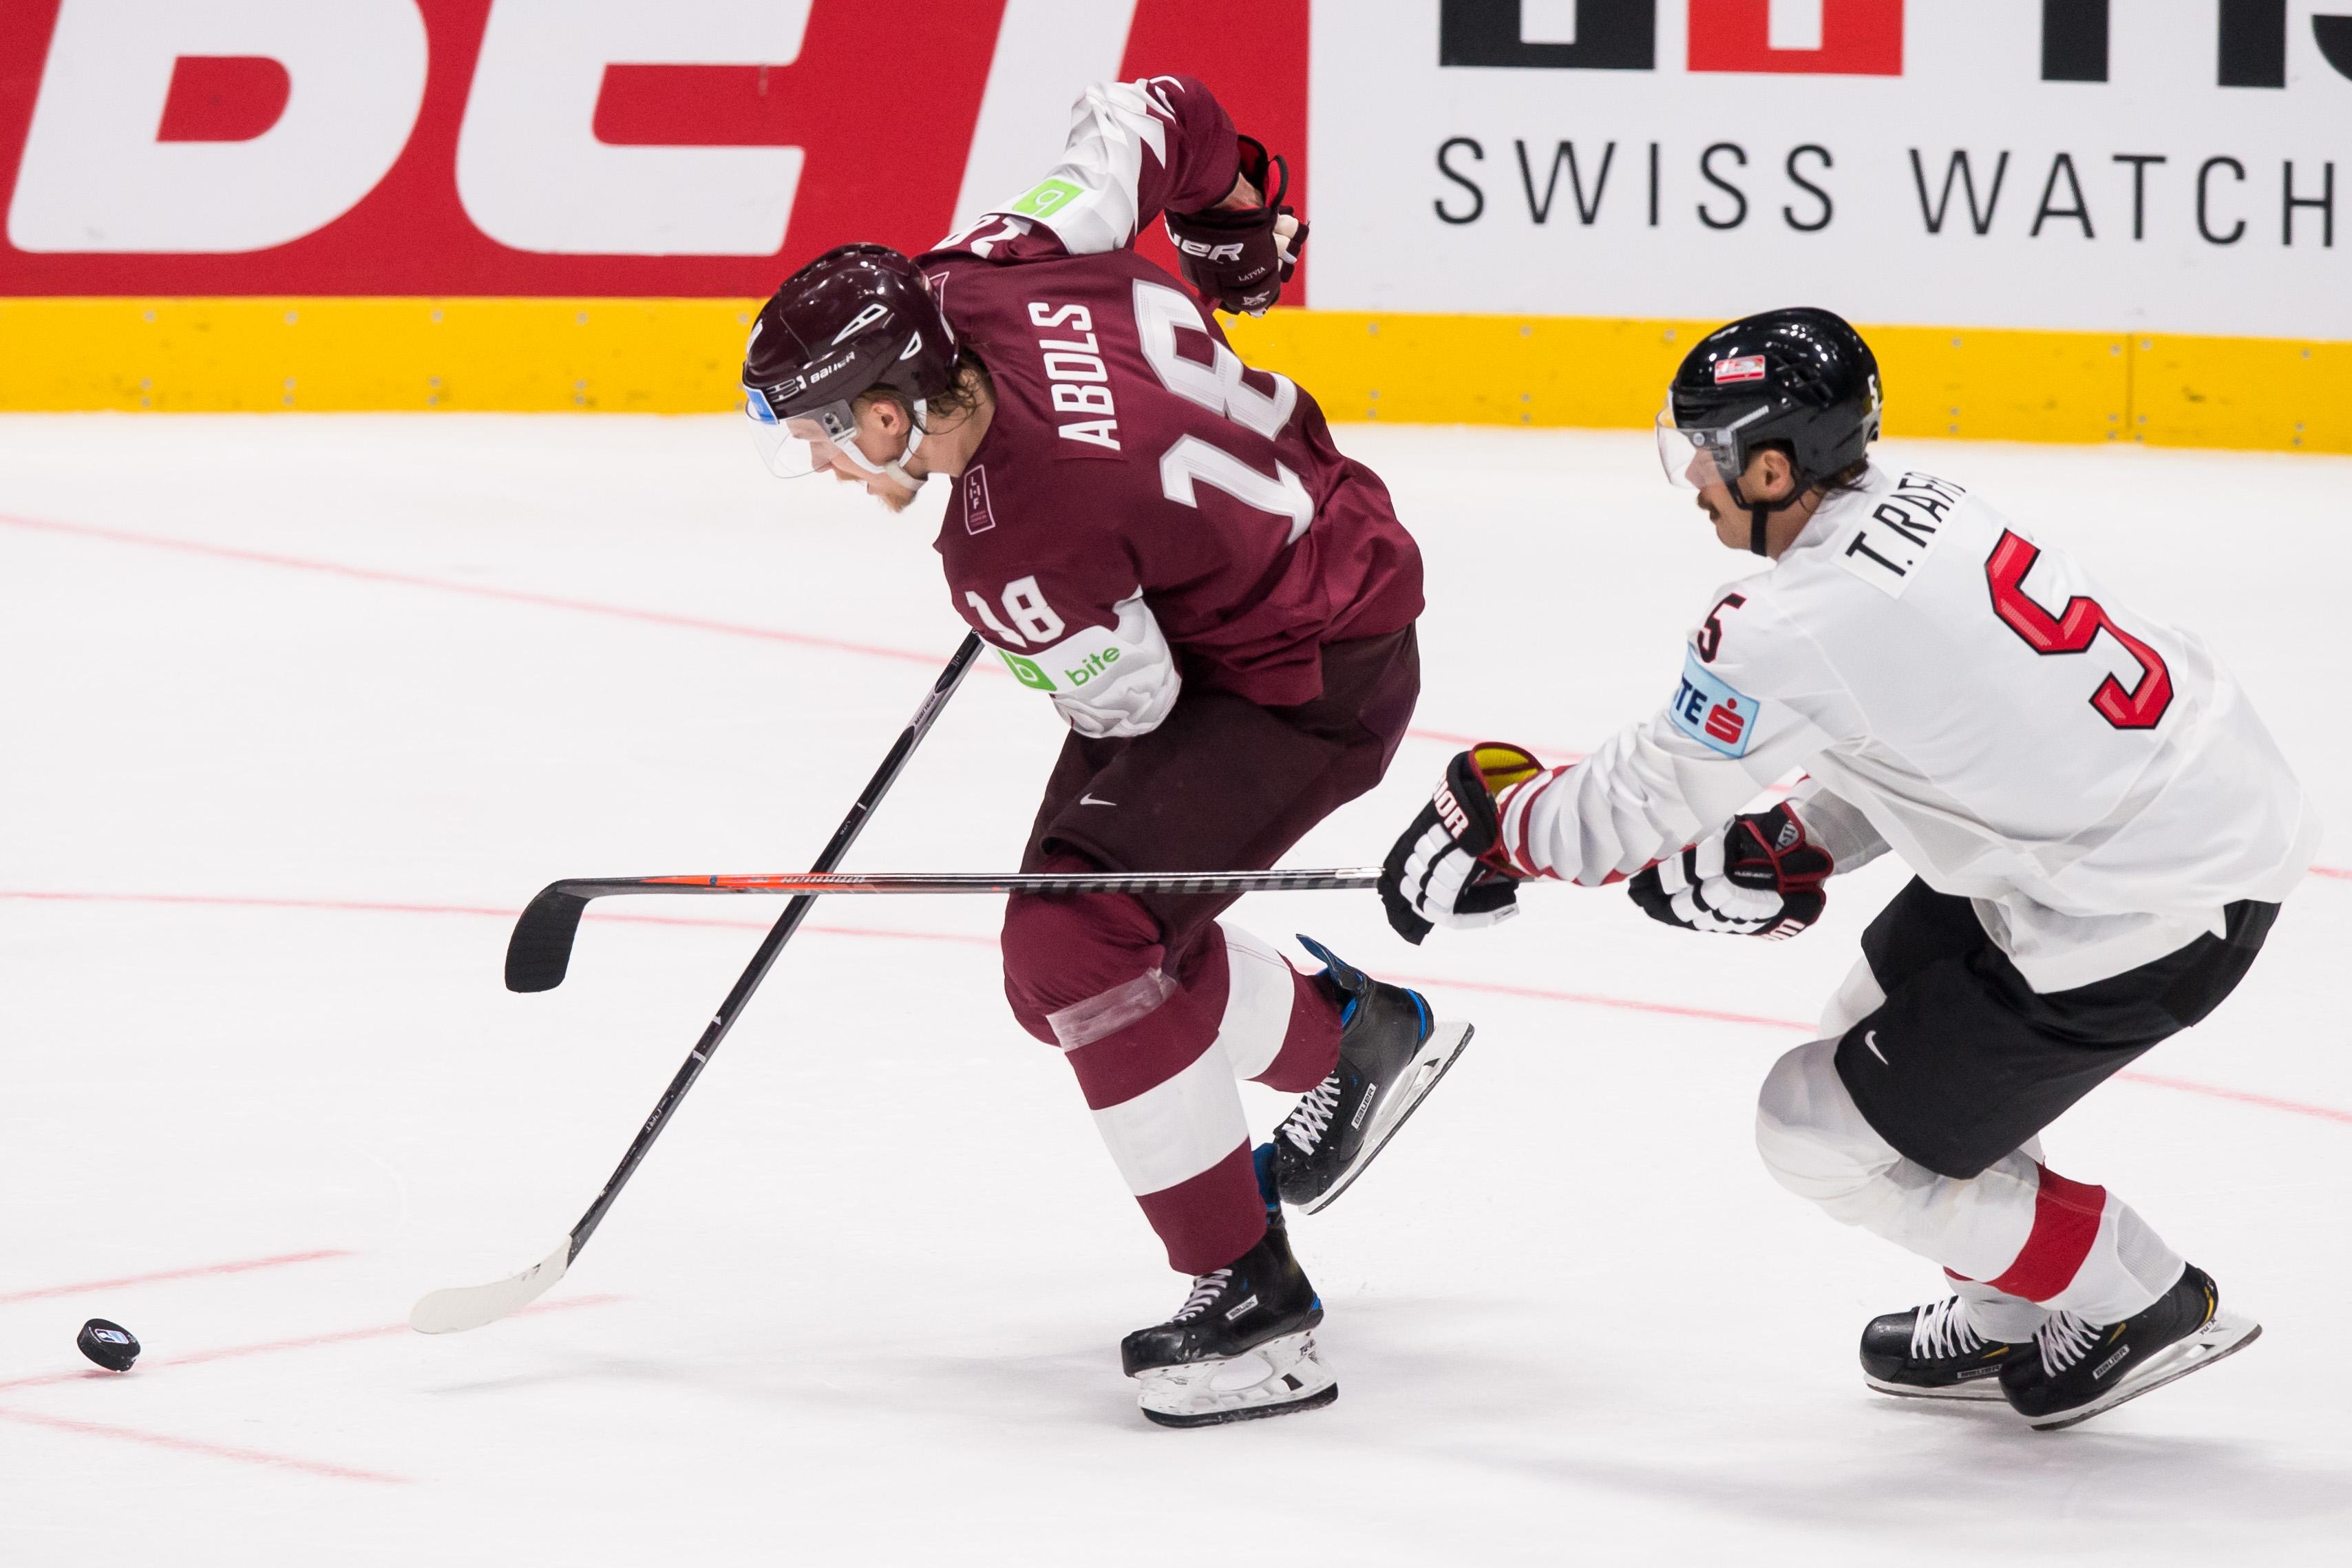 IHOCKEY-WC-IIHF-LAT-AUT